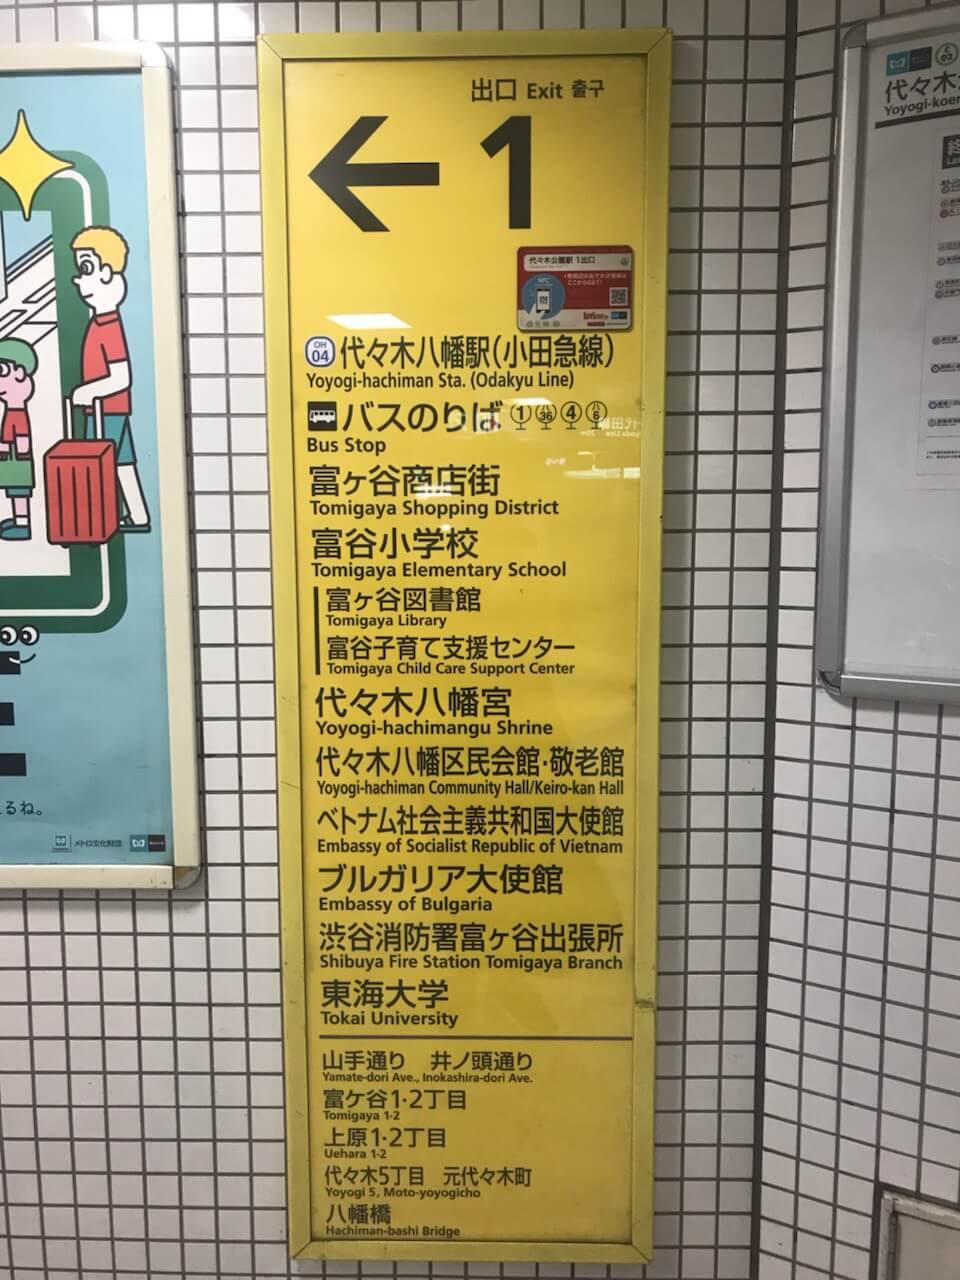 東京メトロ千代田線「代々木公園駅」からのアクセス